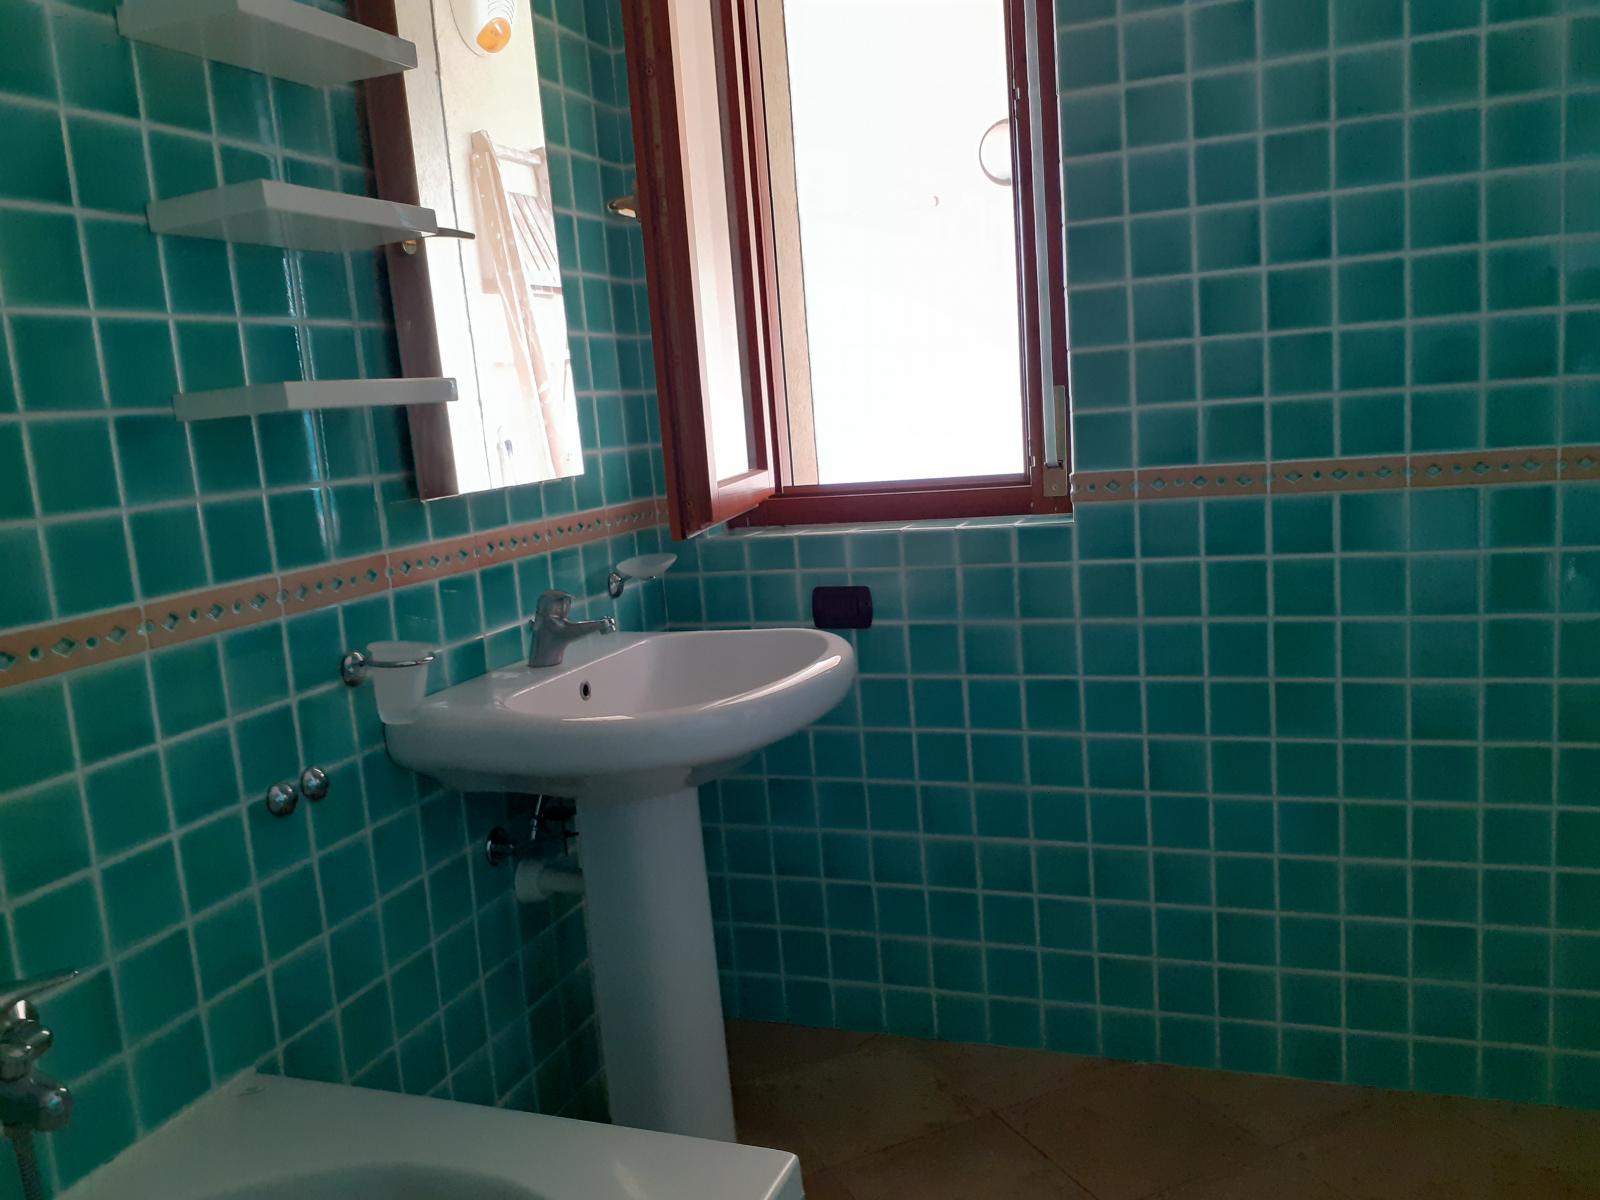 appartamento-in-vendita-bareggio-2-locali-bilocale-spaziourbano-immobiliare-vende-7